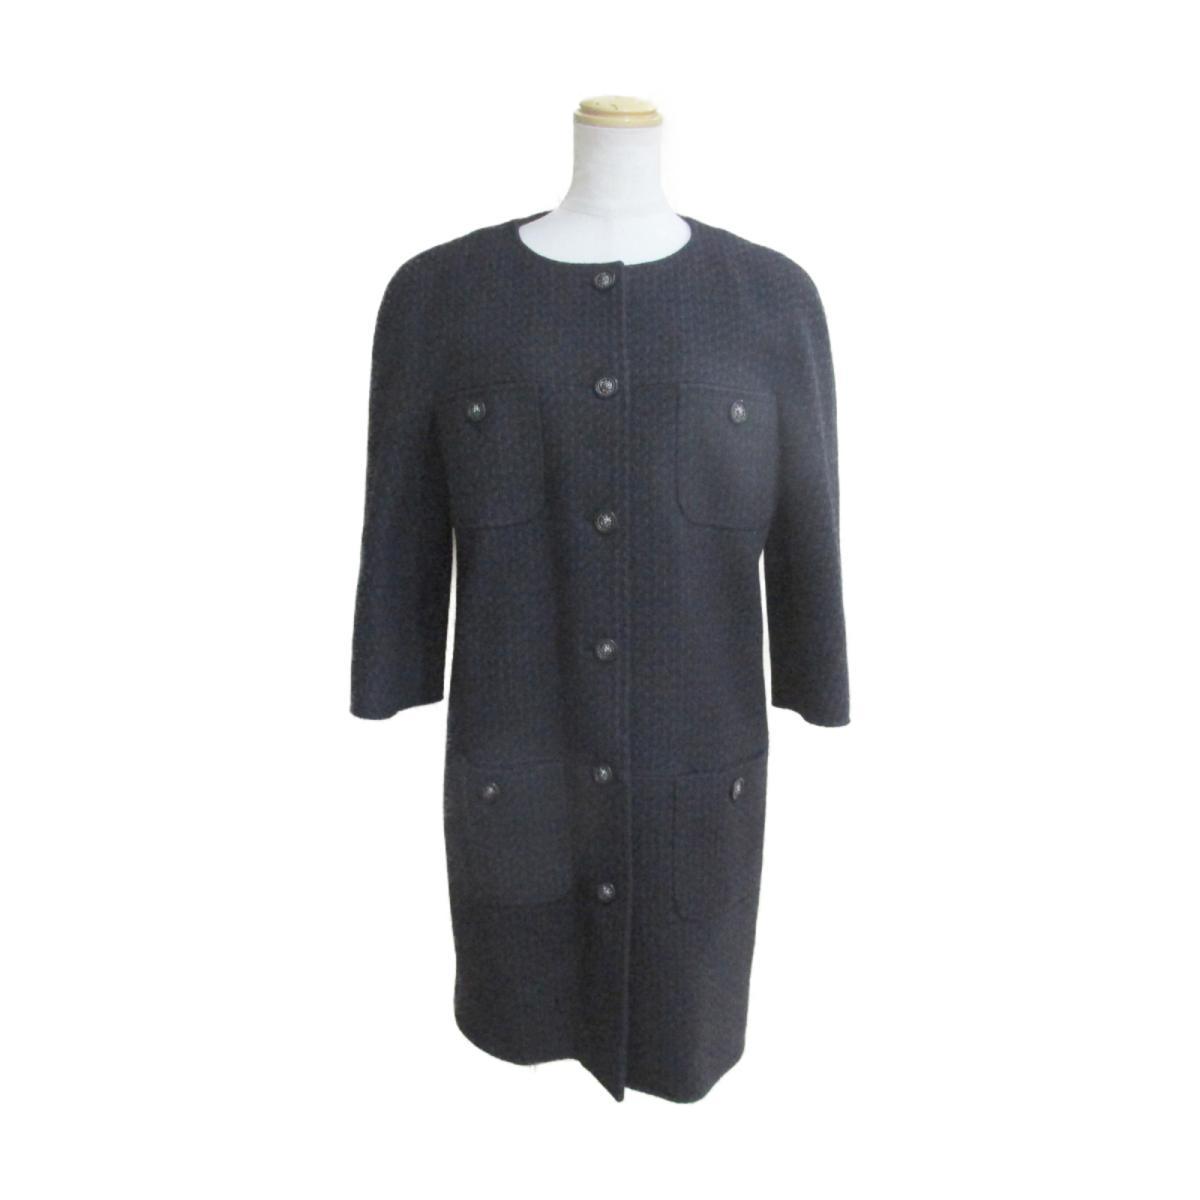 【中古】 シャネル コート レディース 60%ウール 32%シルク 4%ナイロン 2%アンゴラ 2%スパンデックス ブラック ネイビー (P49853V32761) | CHANEL BRANDOFF ブランドオフ 衣料品 衣類 ブランド アウター ジャケット